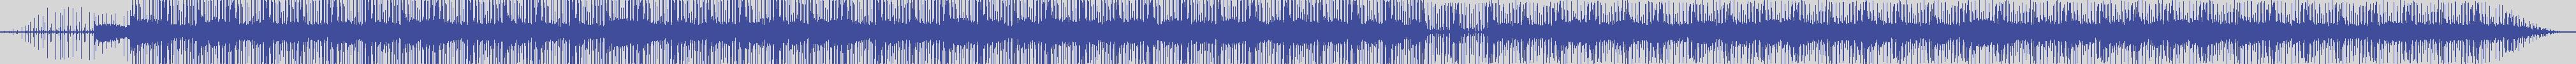 just_digital_records [JS1224] Nikon - Arcadia [Original Mix] audio wave form